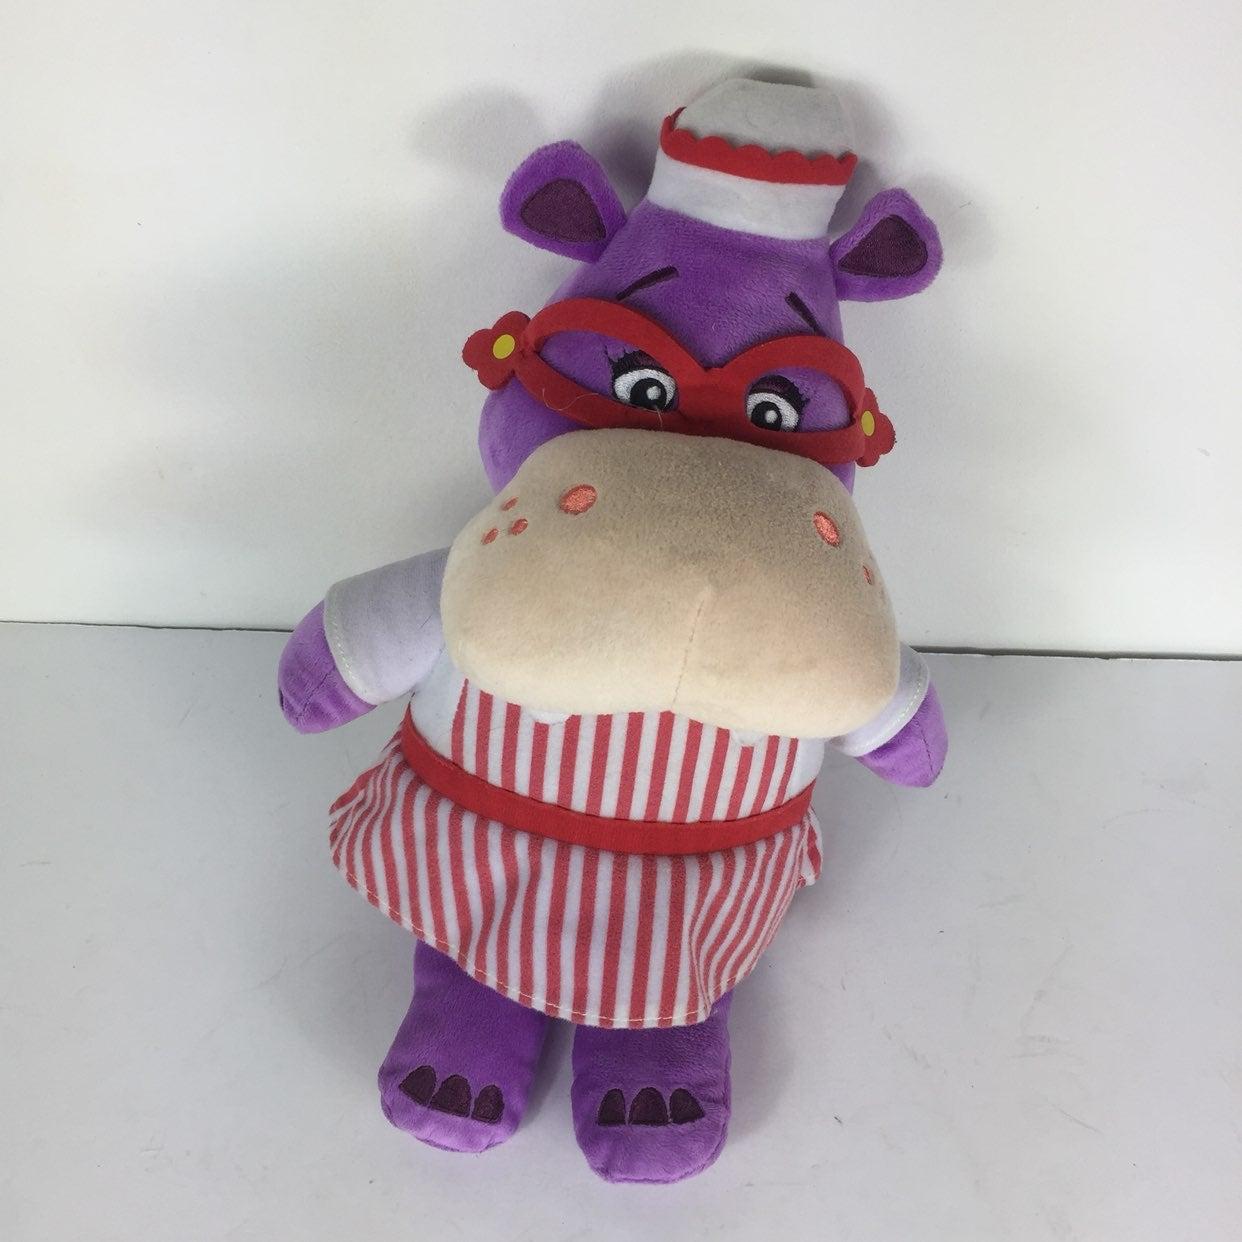 Disney Hallie The Hippo Plush Toy